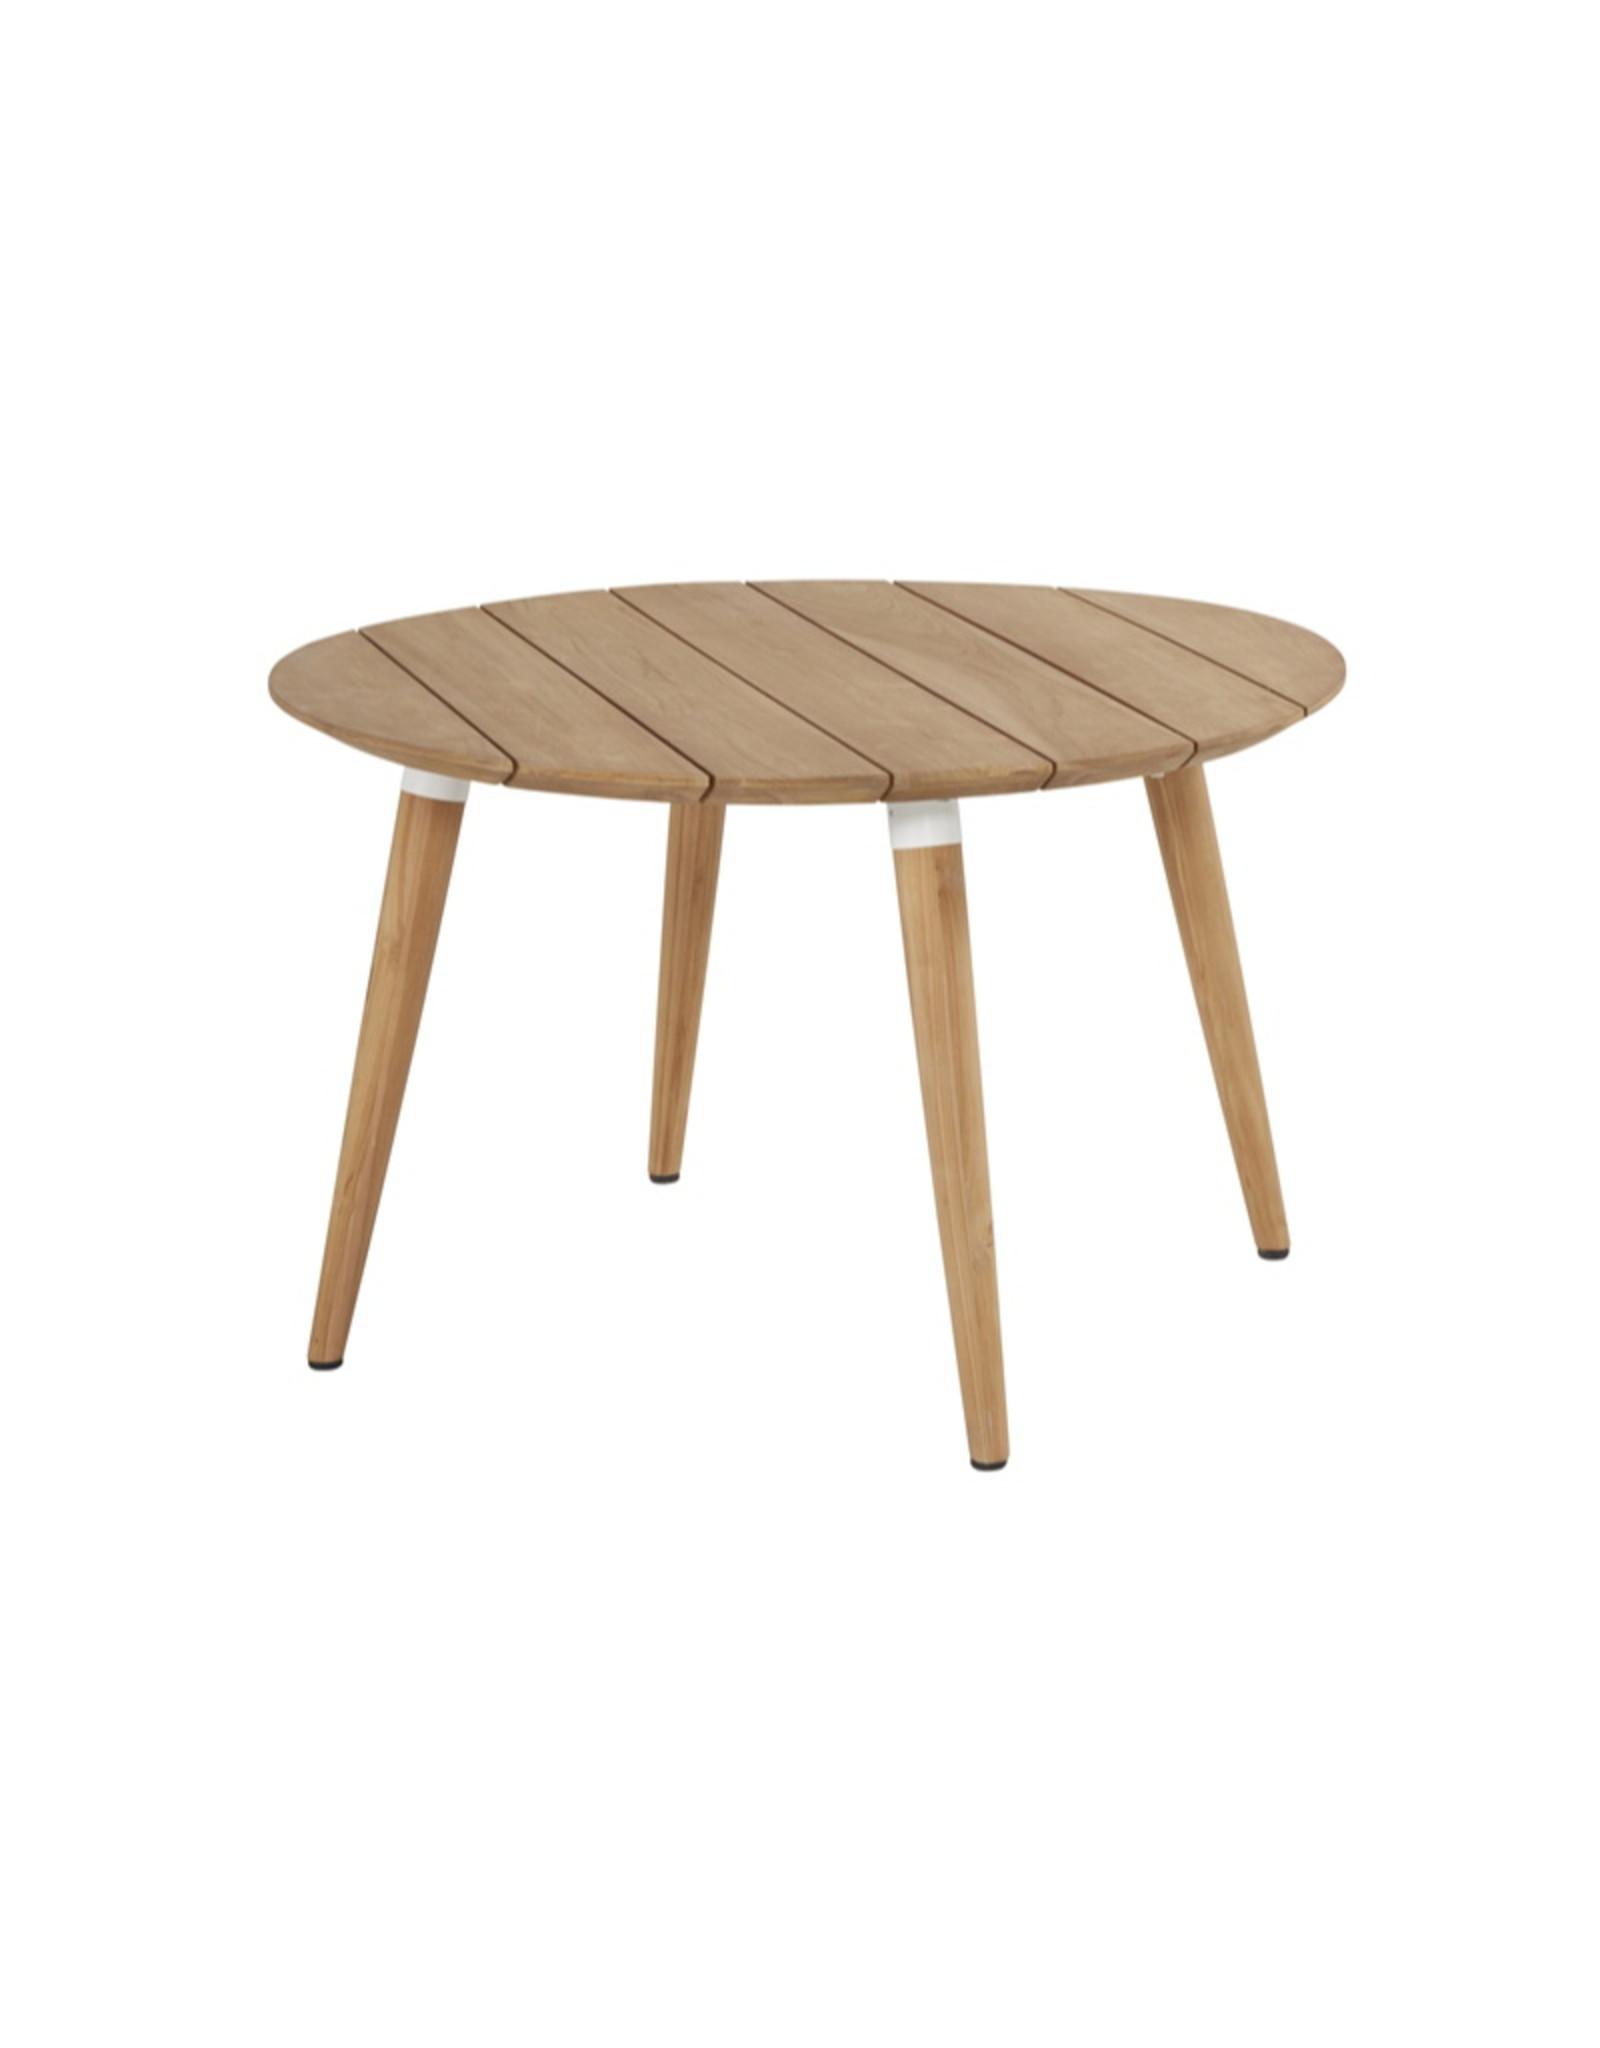 Hartman Hartman Sophie Studio Teak Table 120cm  rond (set article) Wit-TEAK